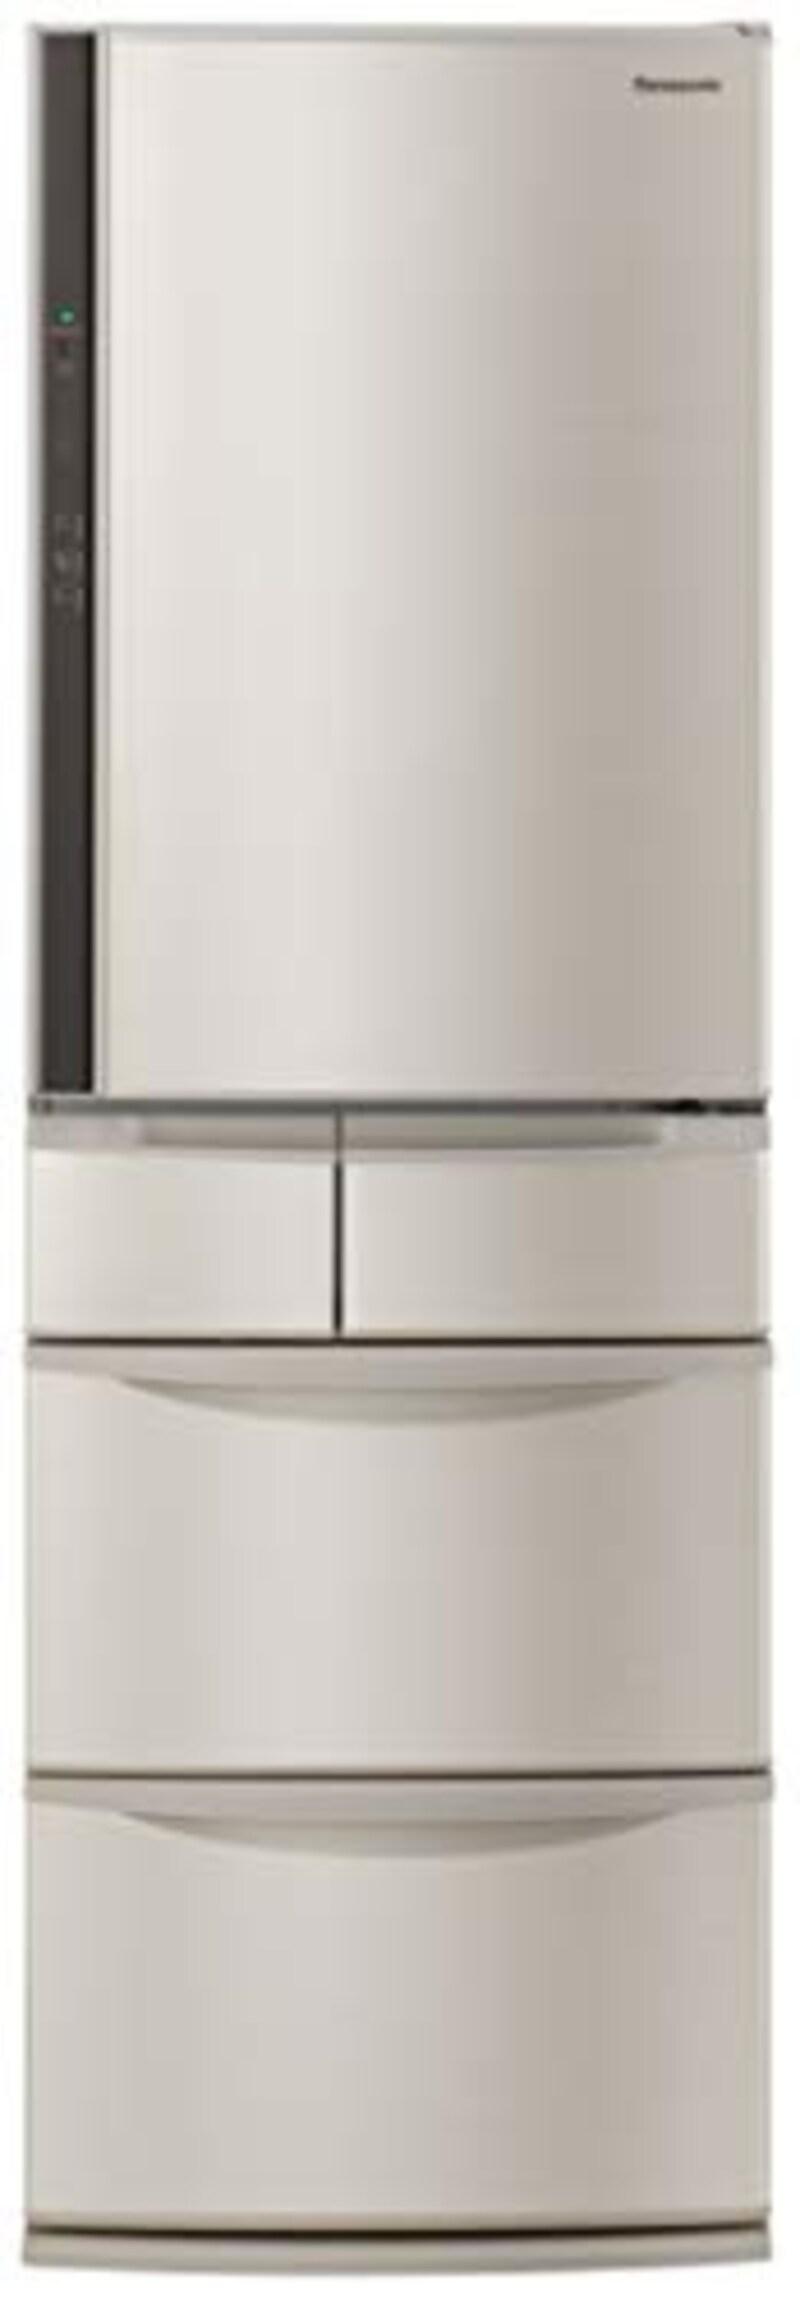 Panasonic(パナソニック), 5ドア冷蔵庫  シャンパン,NR-E416V-N